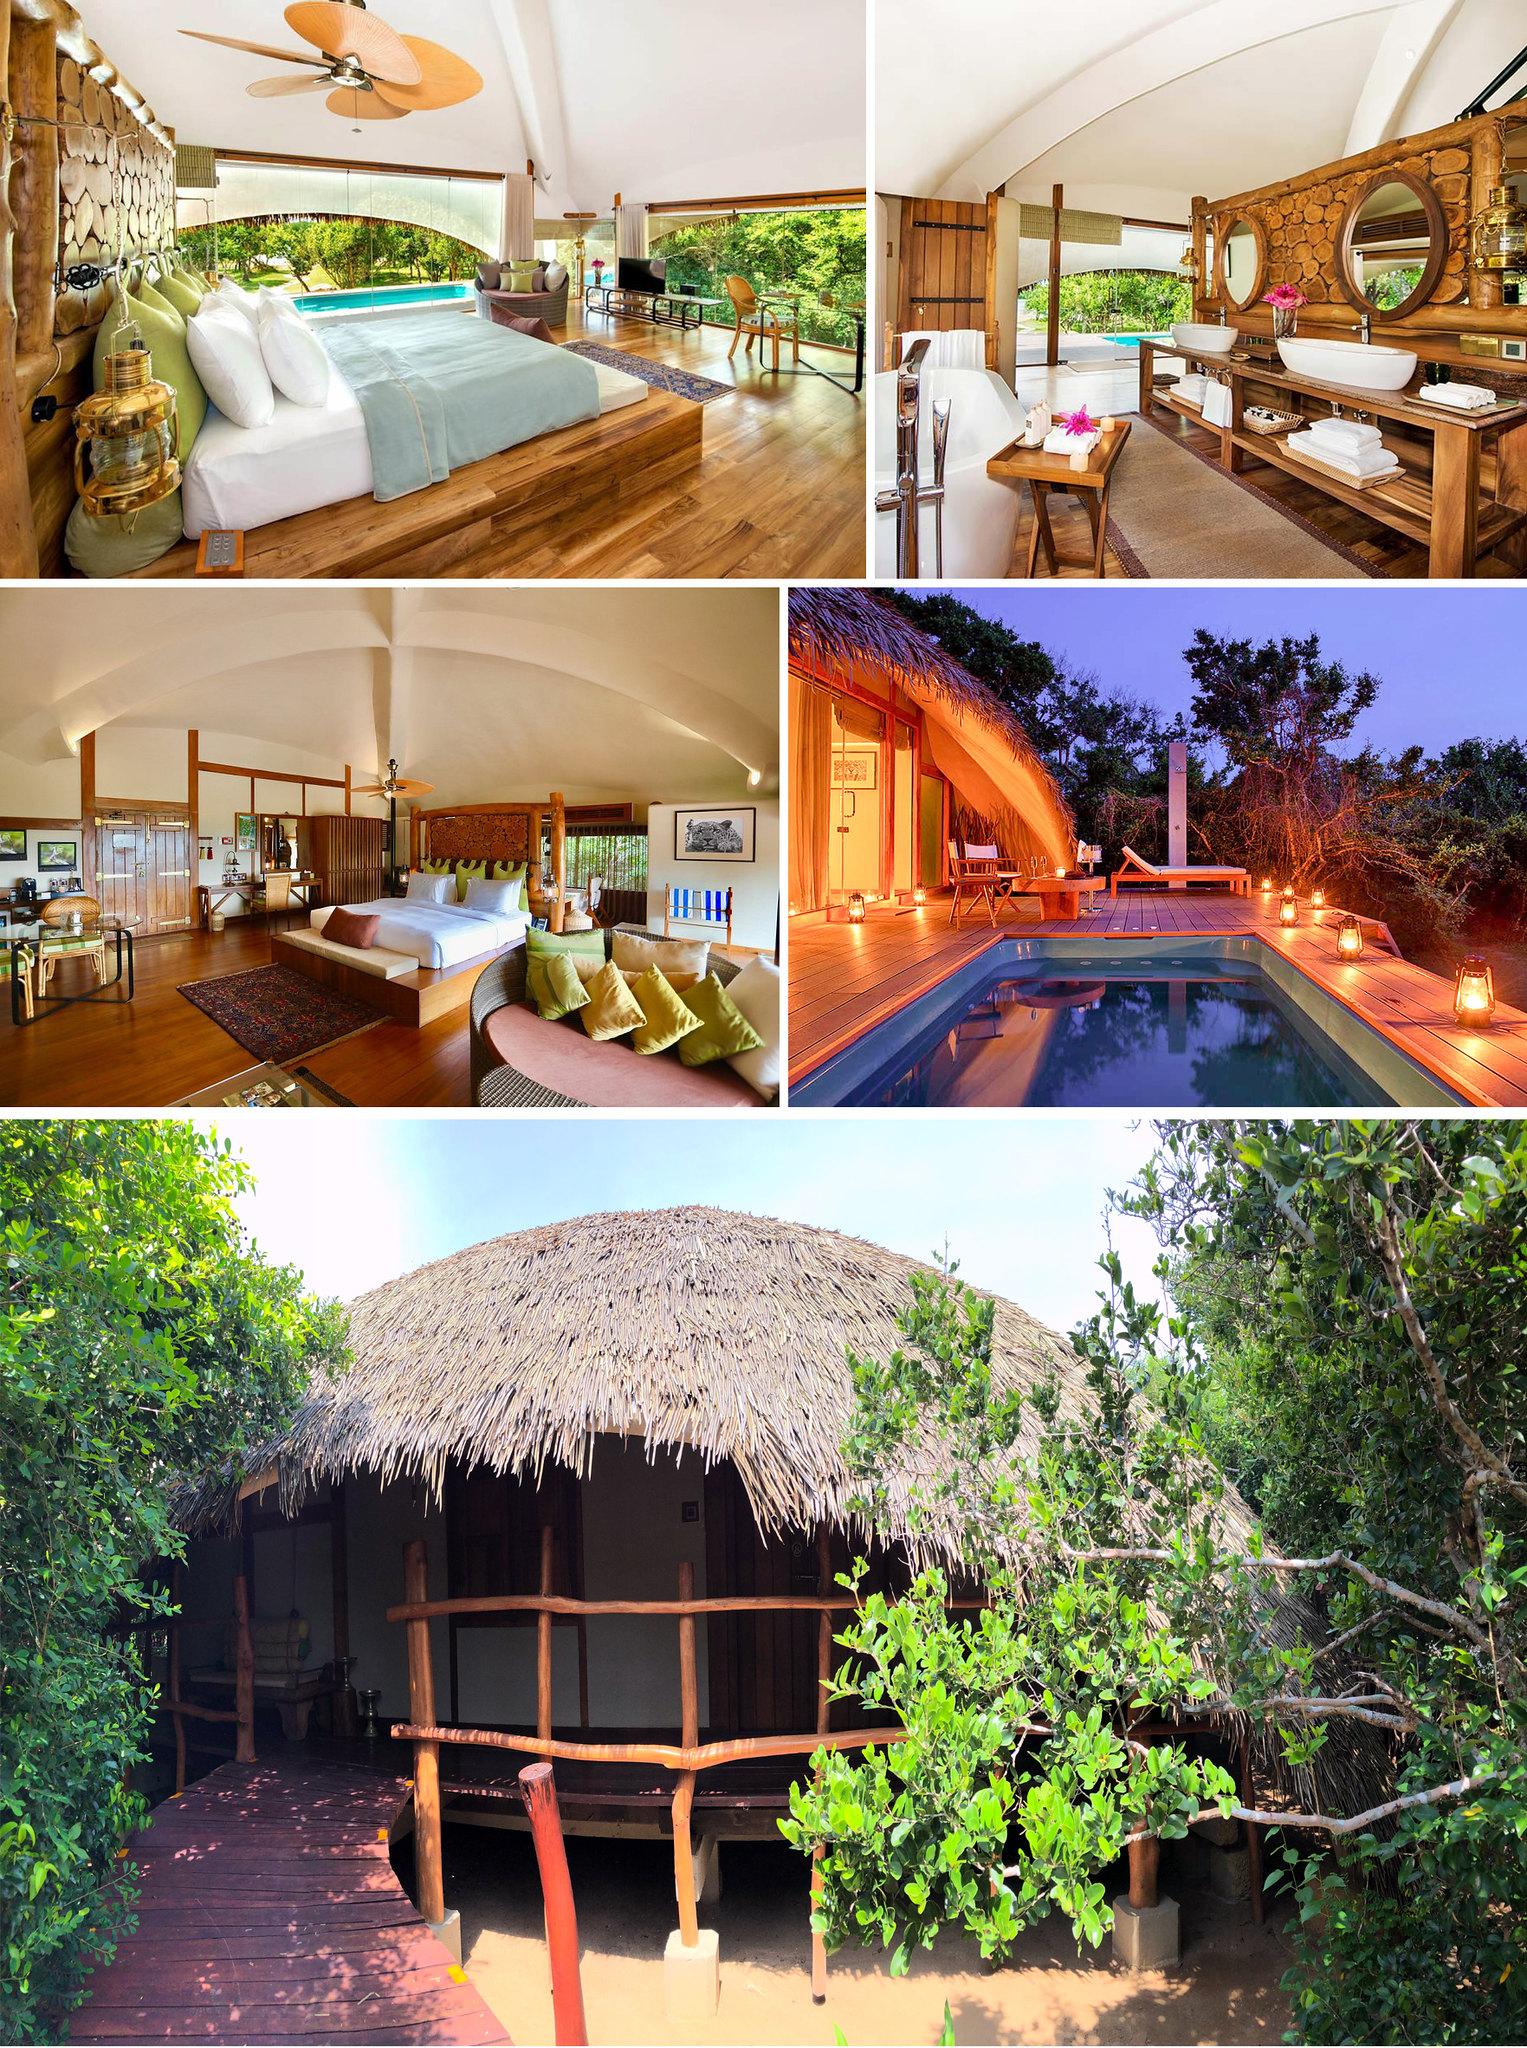 Hotel Chena Huts by Uga Escapes Yala Sri Lanka - Thewotme chena huts - 50943785961 3e7aad6b6a k - Chena Huts by UGA Escapes, un pequeño paraíso en Yala